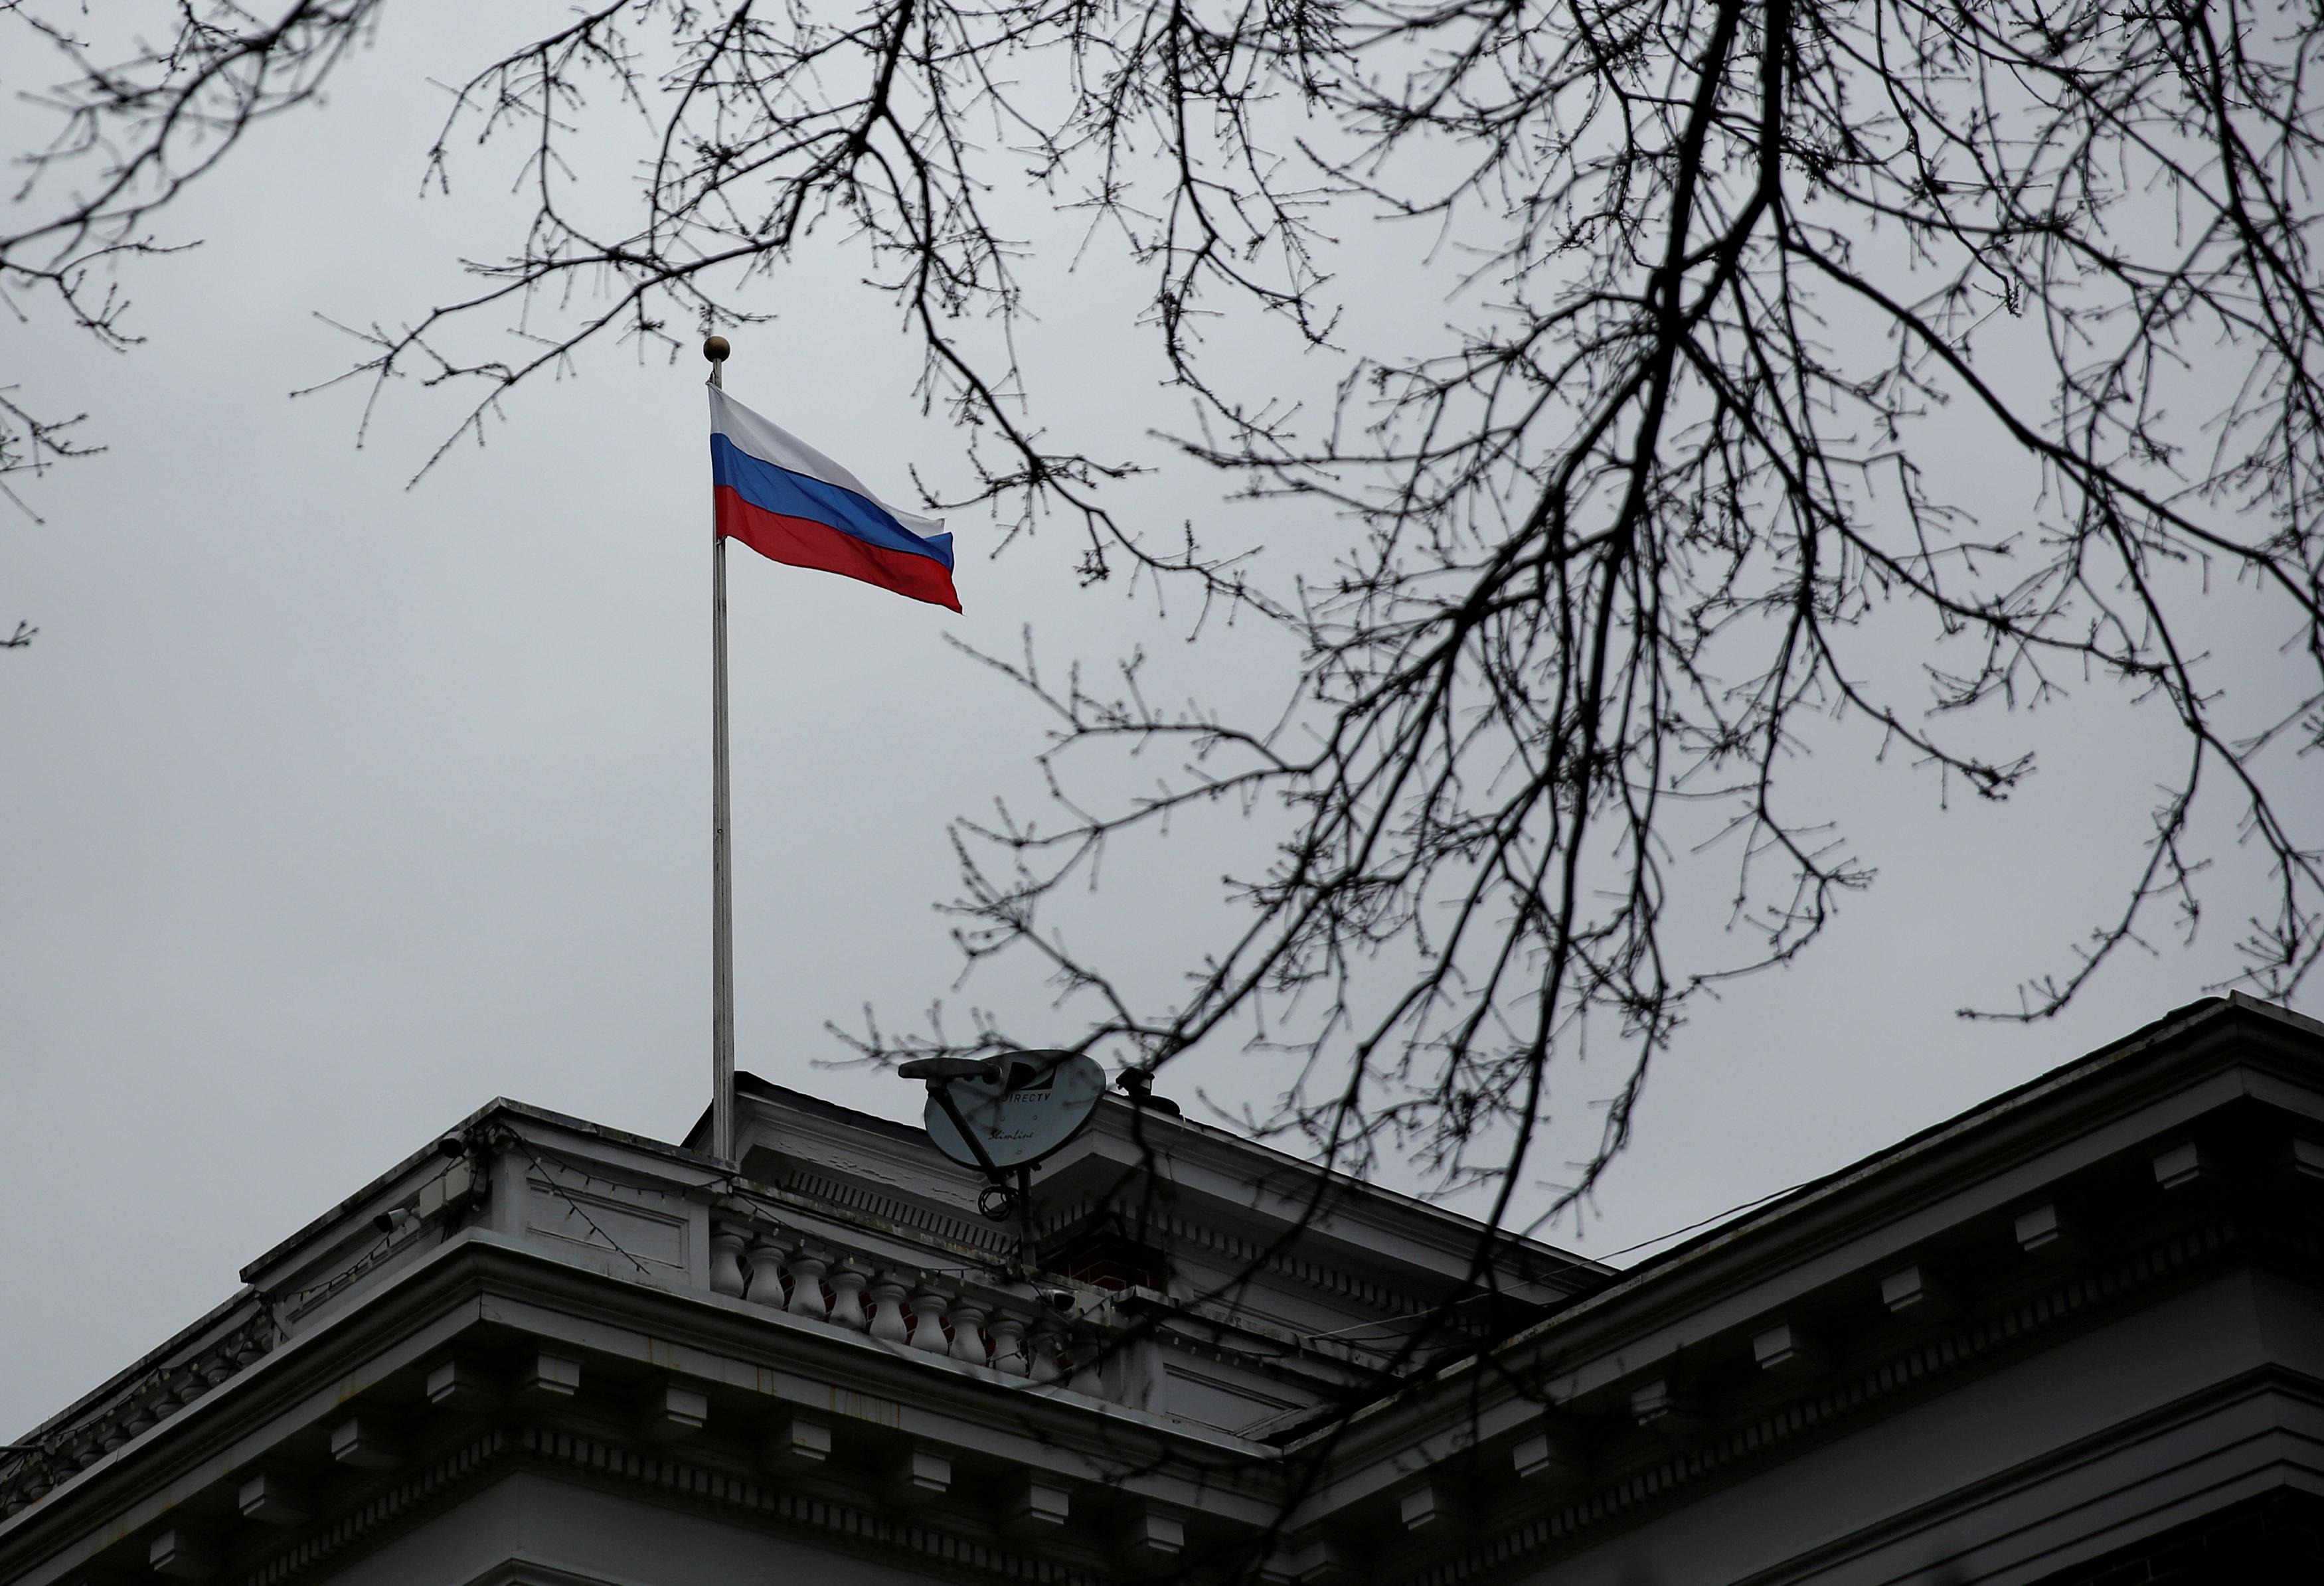 Журналист сказал, что Россия имеет такие же зубы, как щука - Новости России